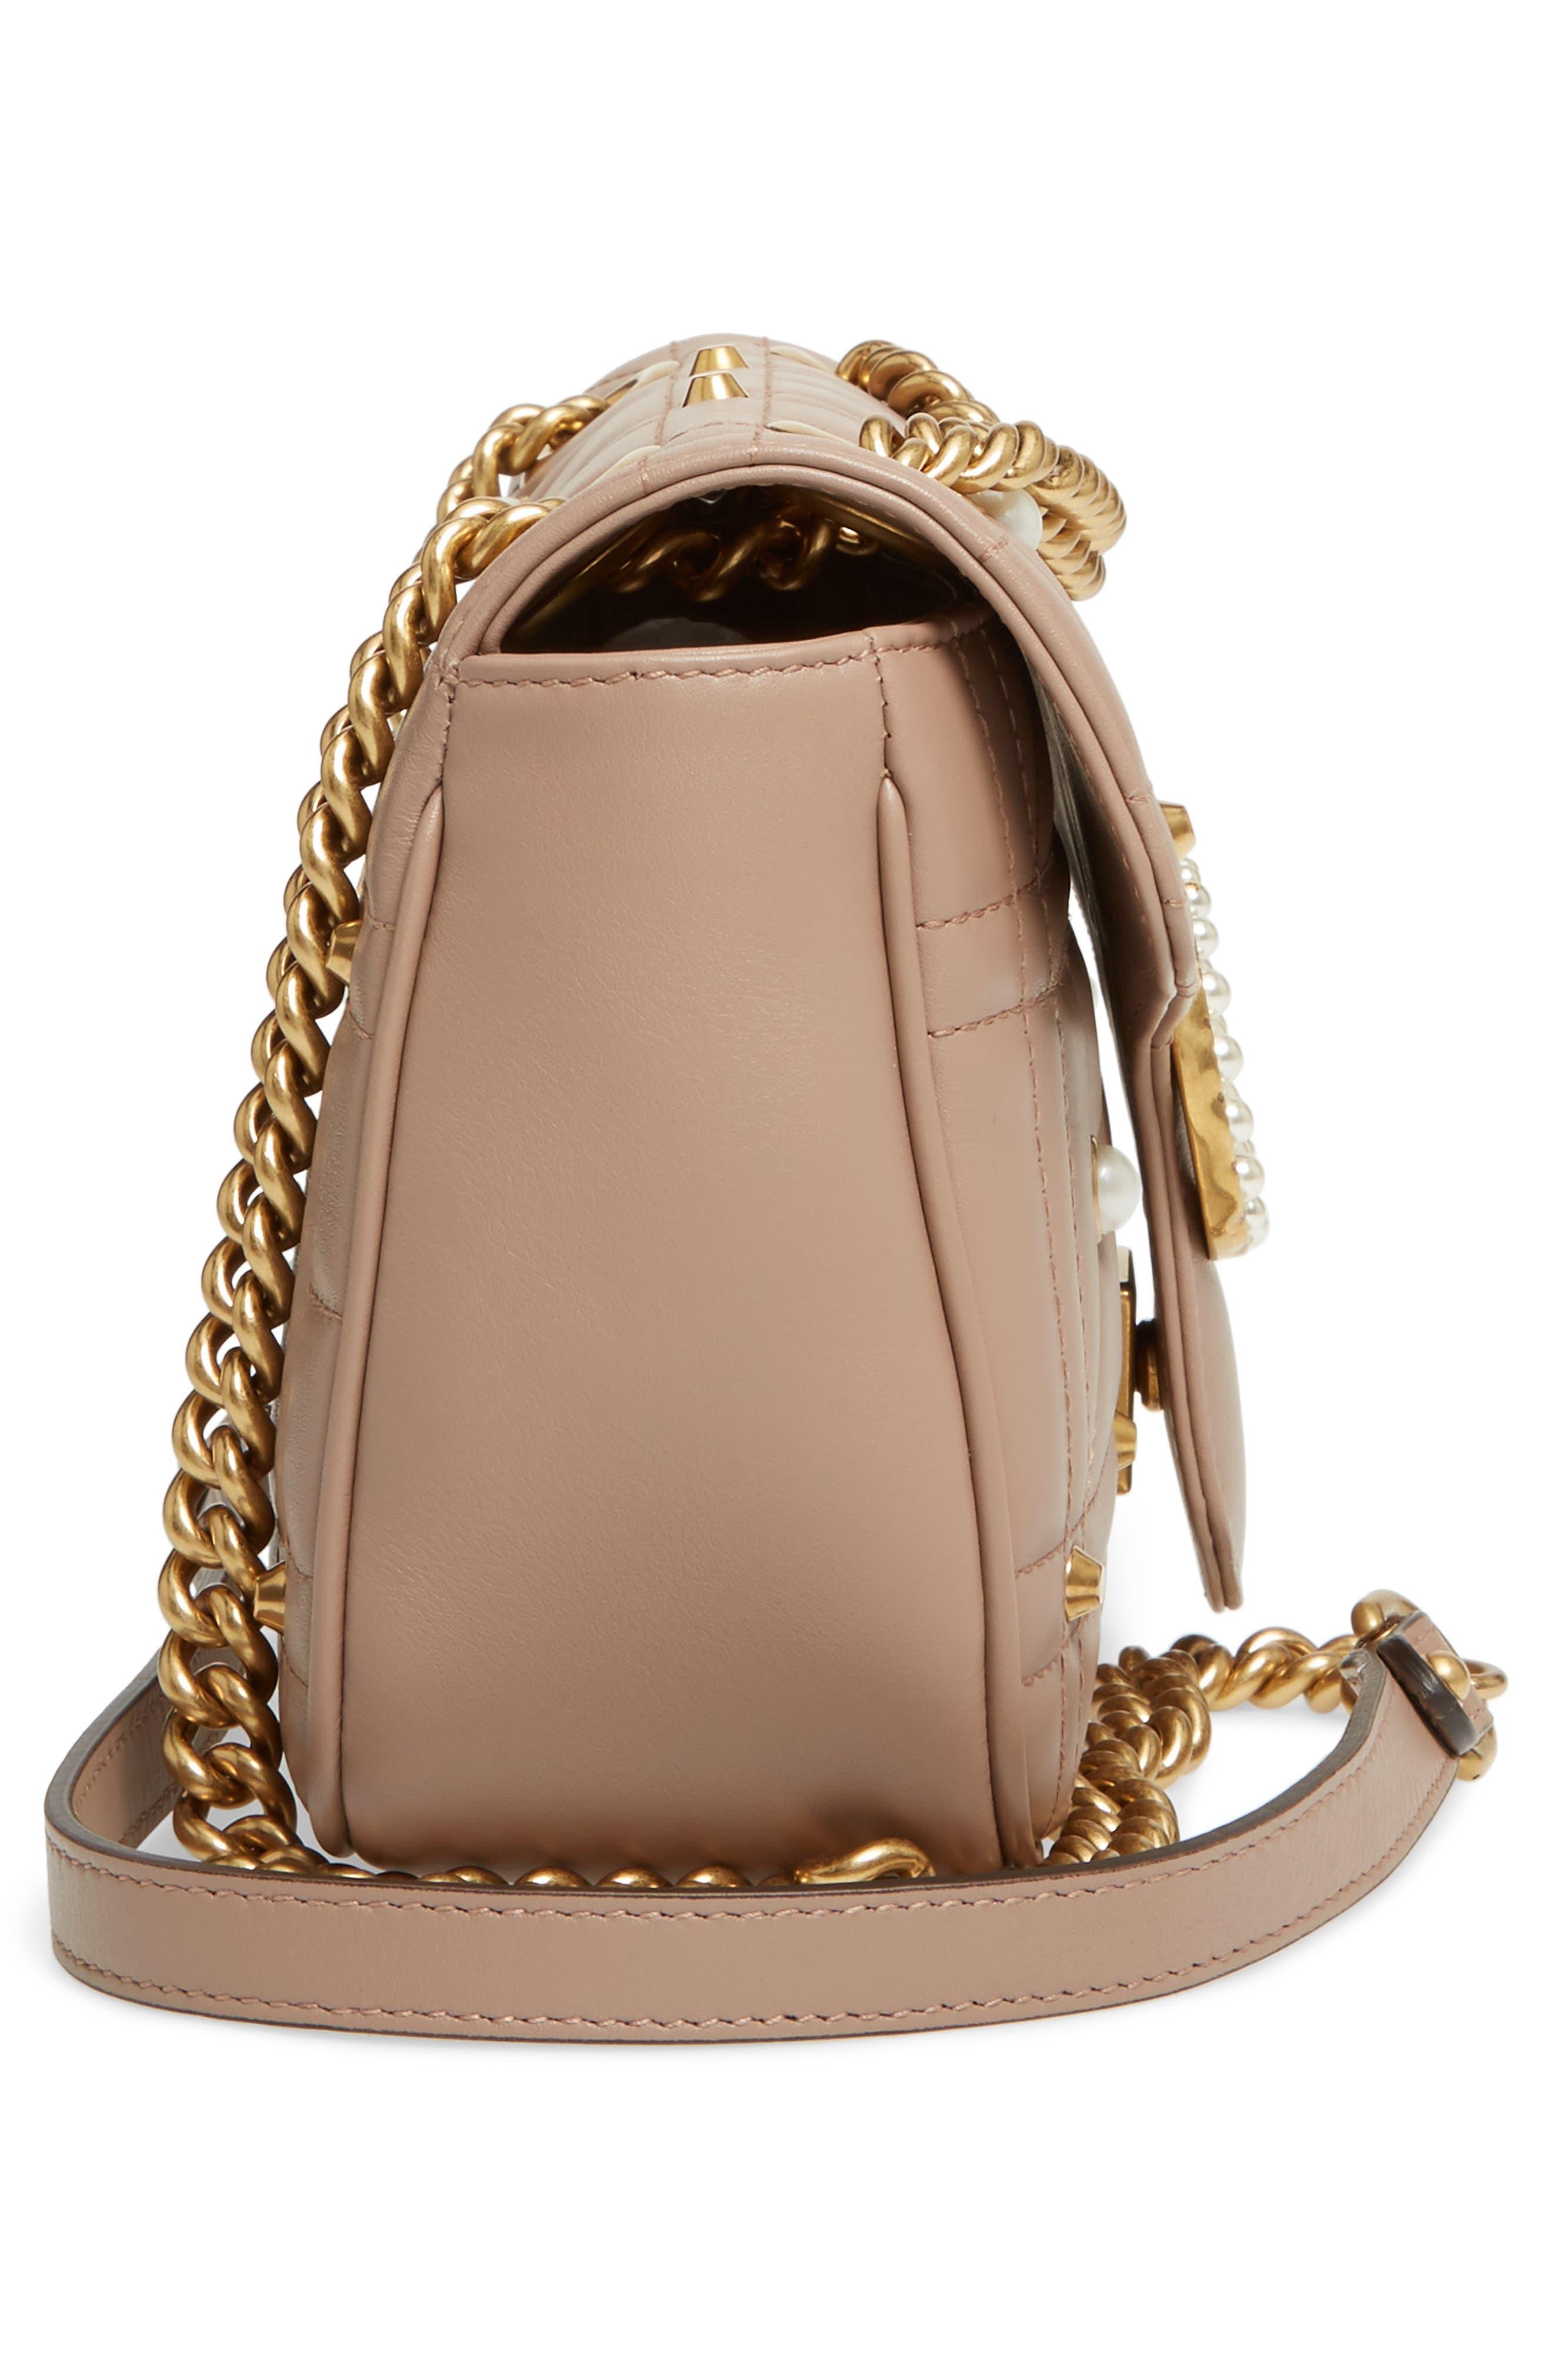 GG Marmont Matelassé Imitation Pearl Leather Shoulder Bag,                             Alternate thumbnail 9, color,